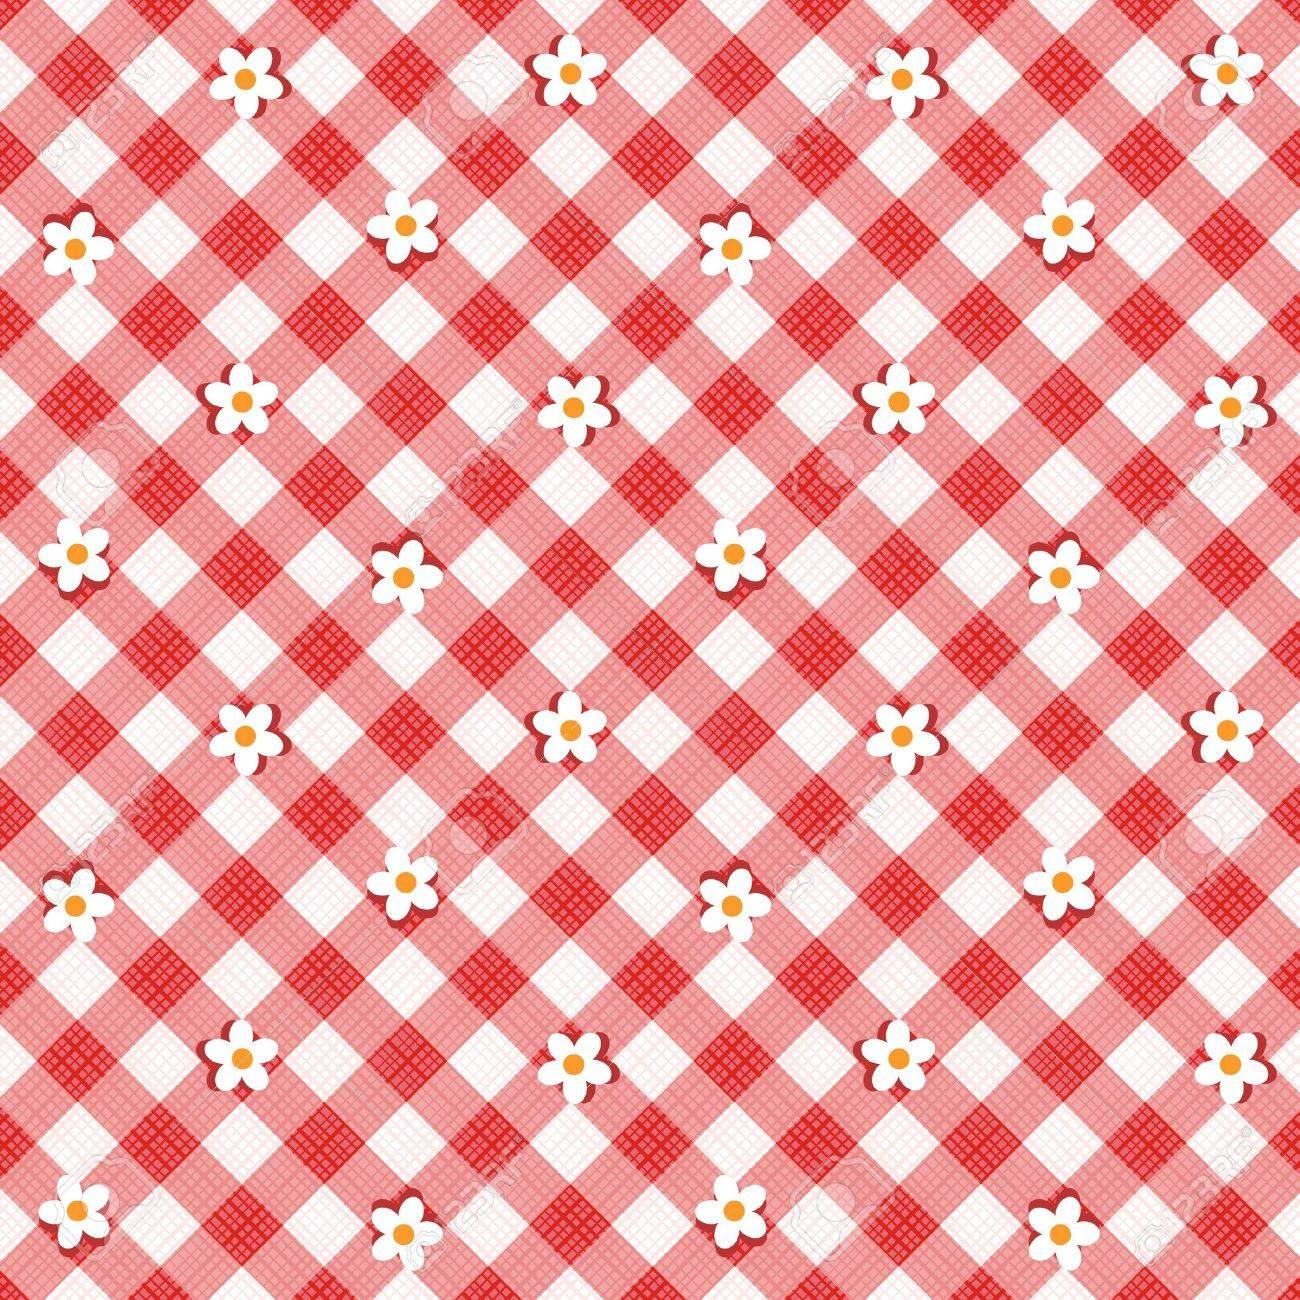 Vettoriale Sfondo Floreale Stoffa A Quadretti Rosso E Bianco Con